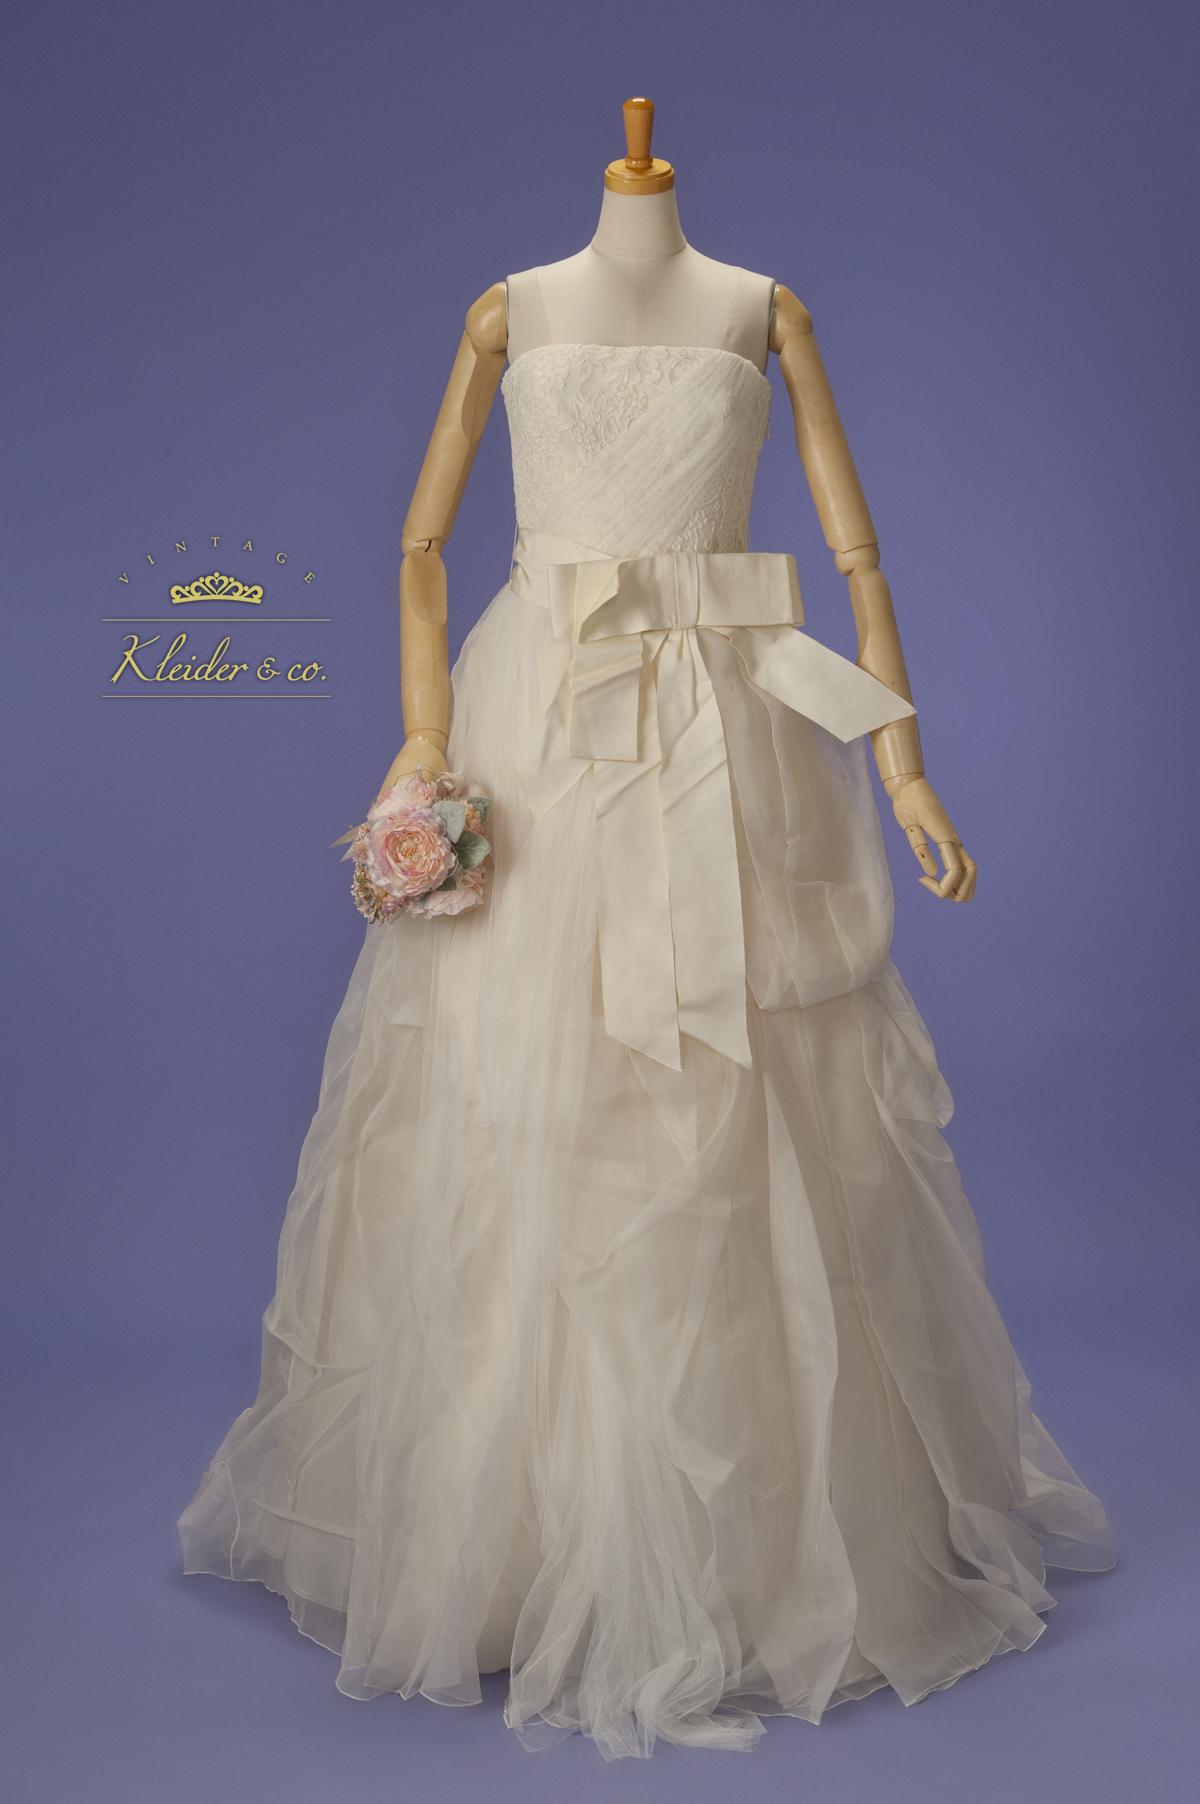 ヴェラ・ウォンのウェディングドレス。